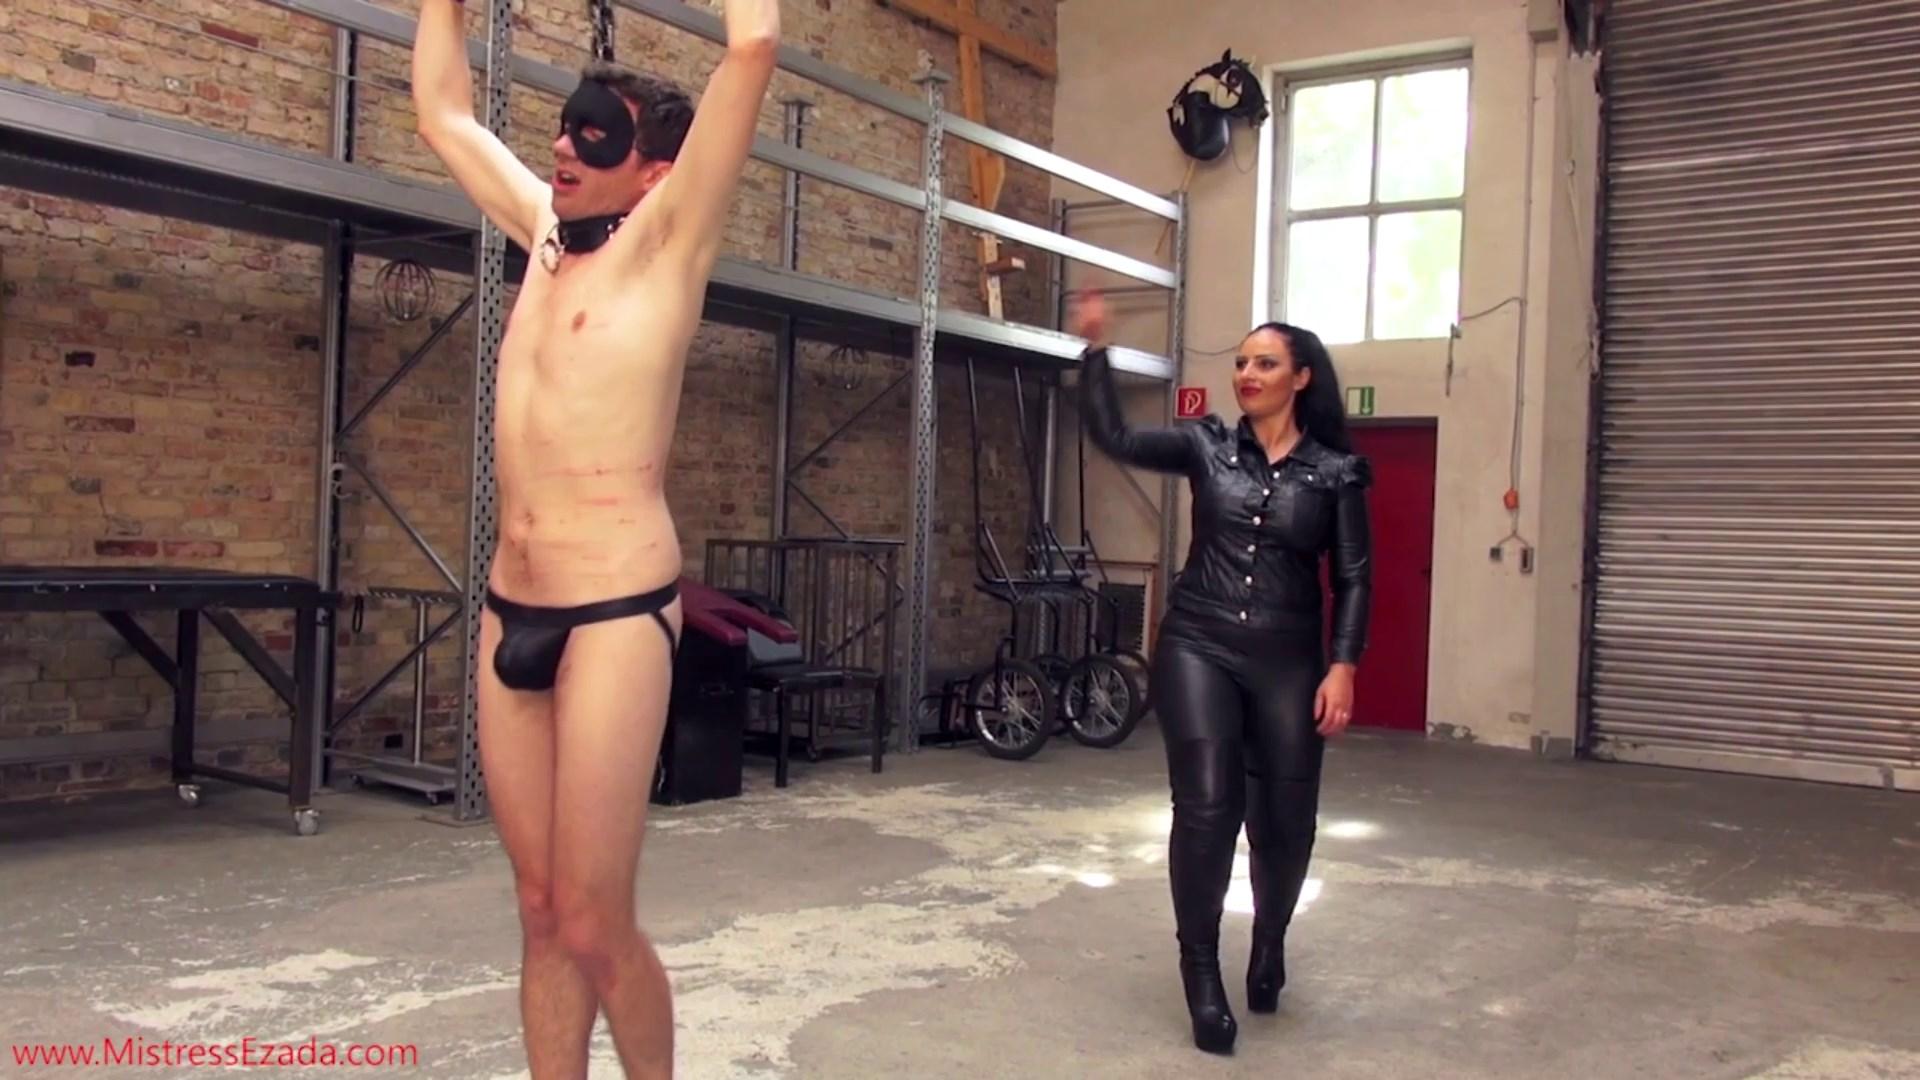 ashwarya rai hot nude sex